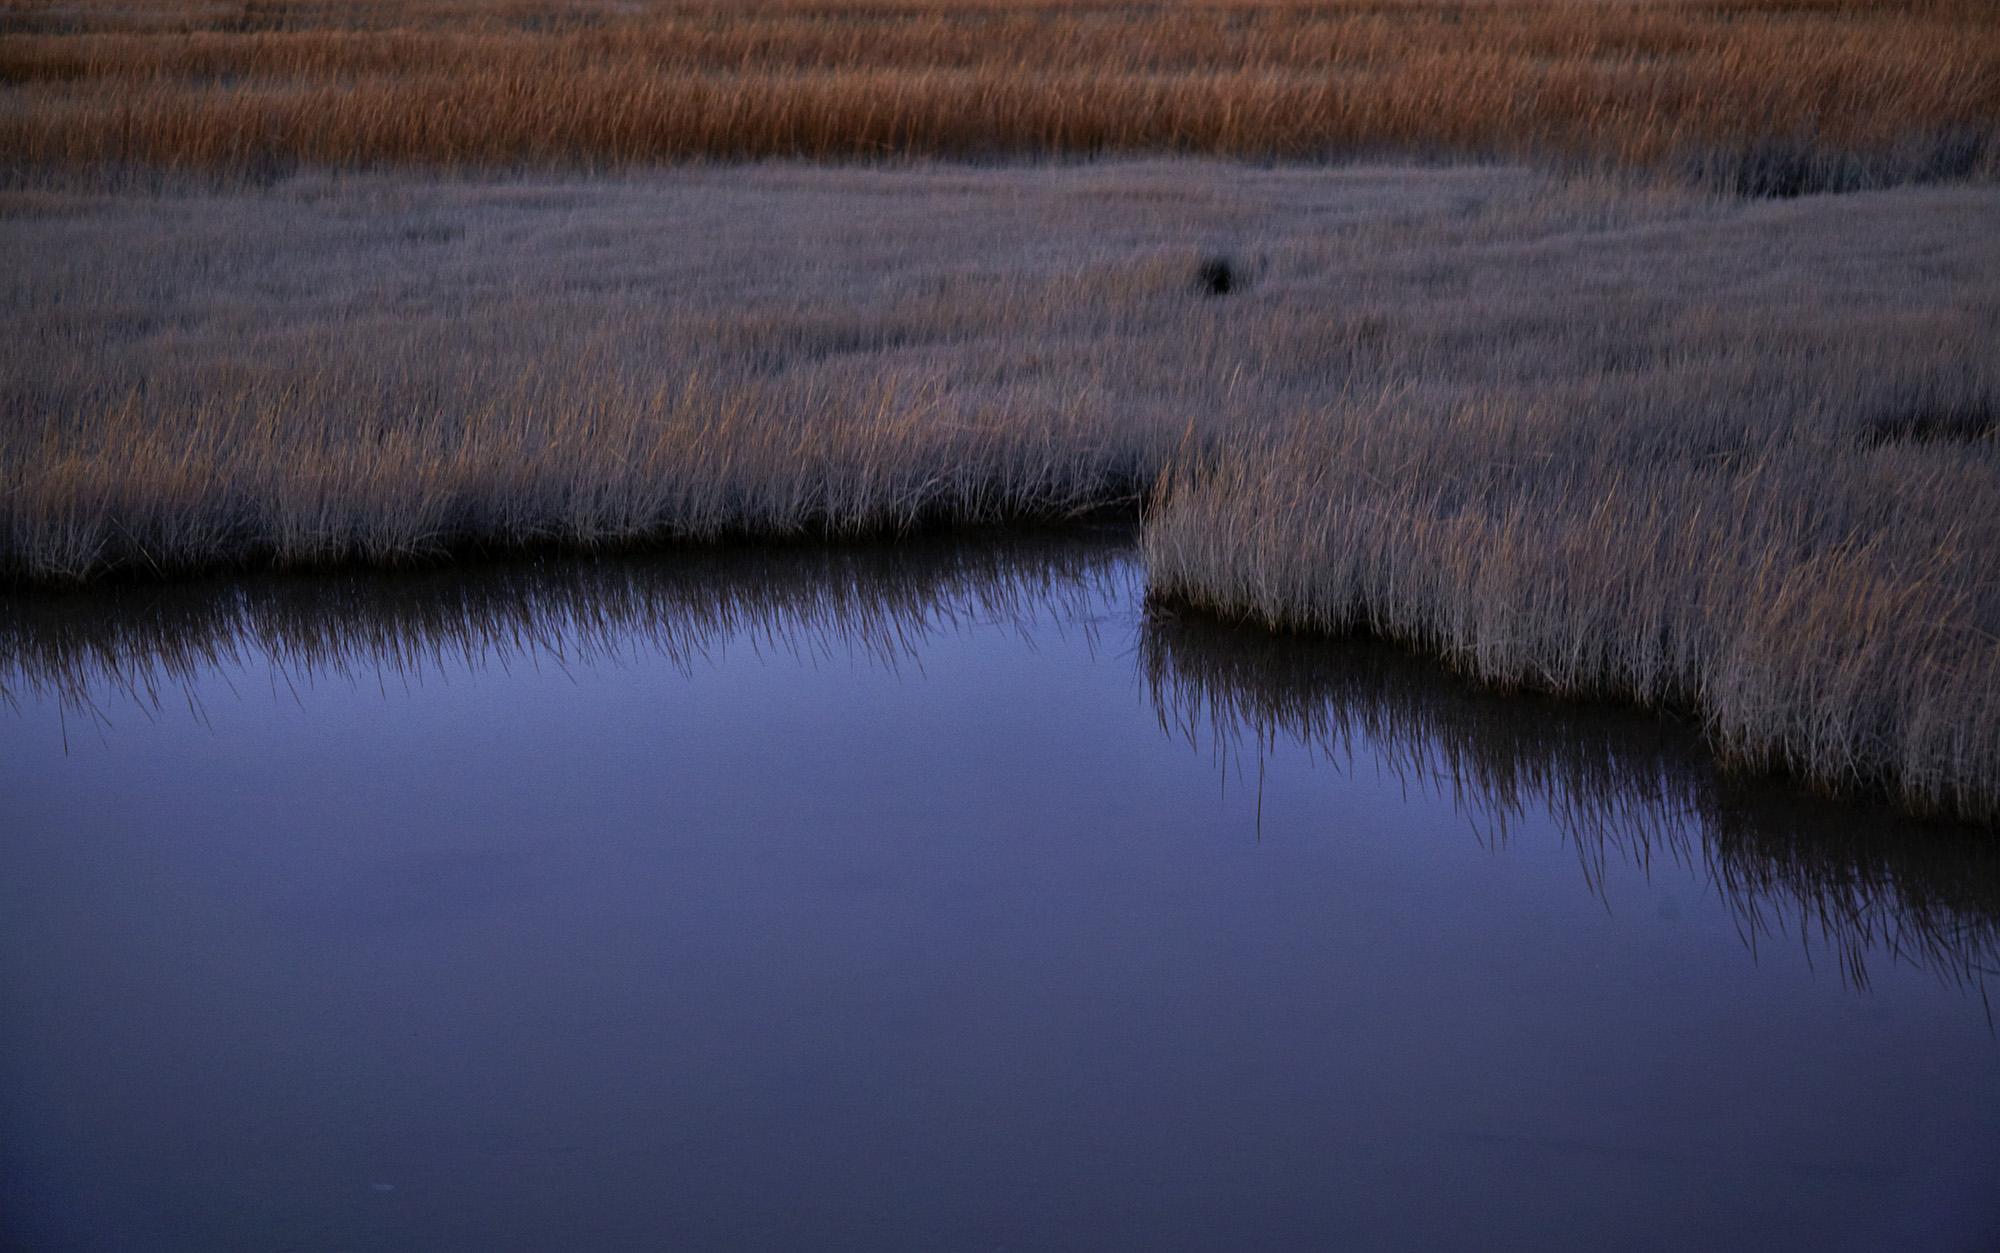 Marsh, Stony Creek